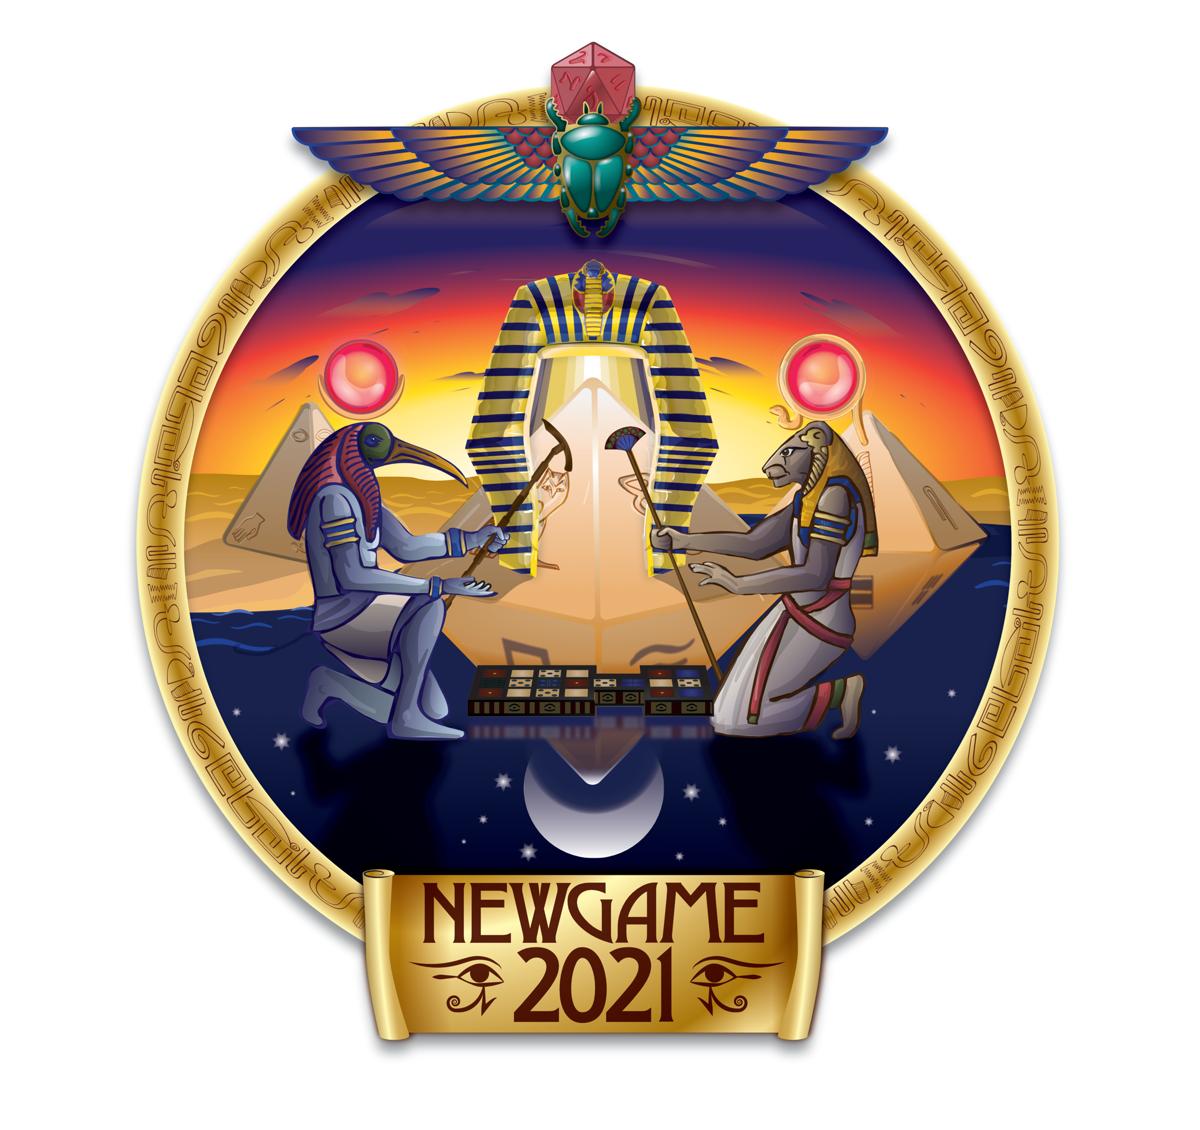 NEWGame_2021_Illus_Final.png